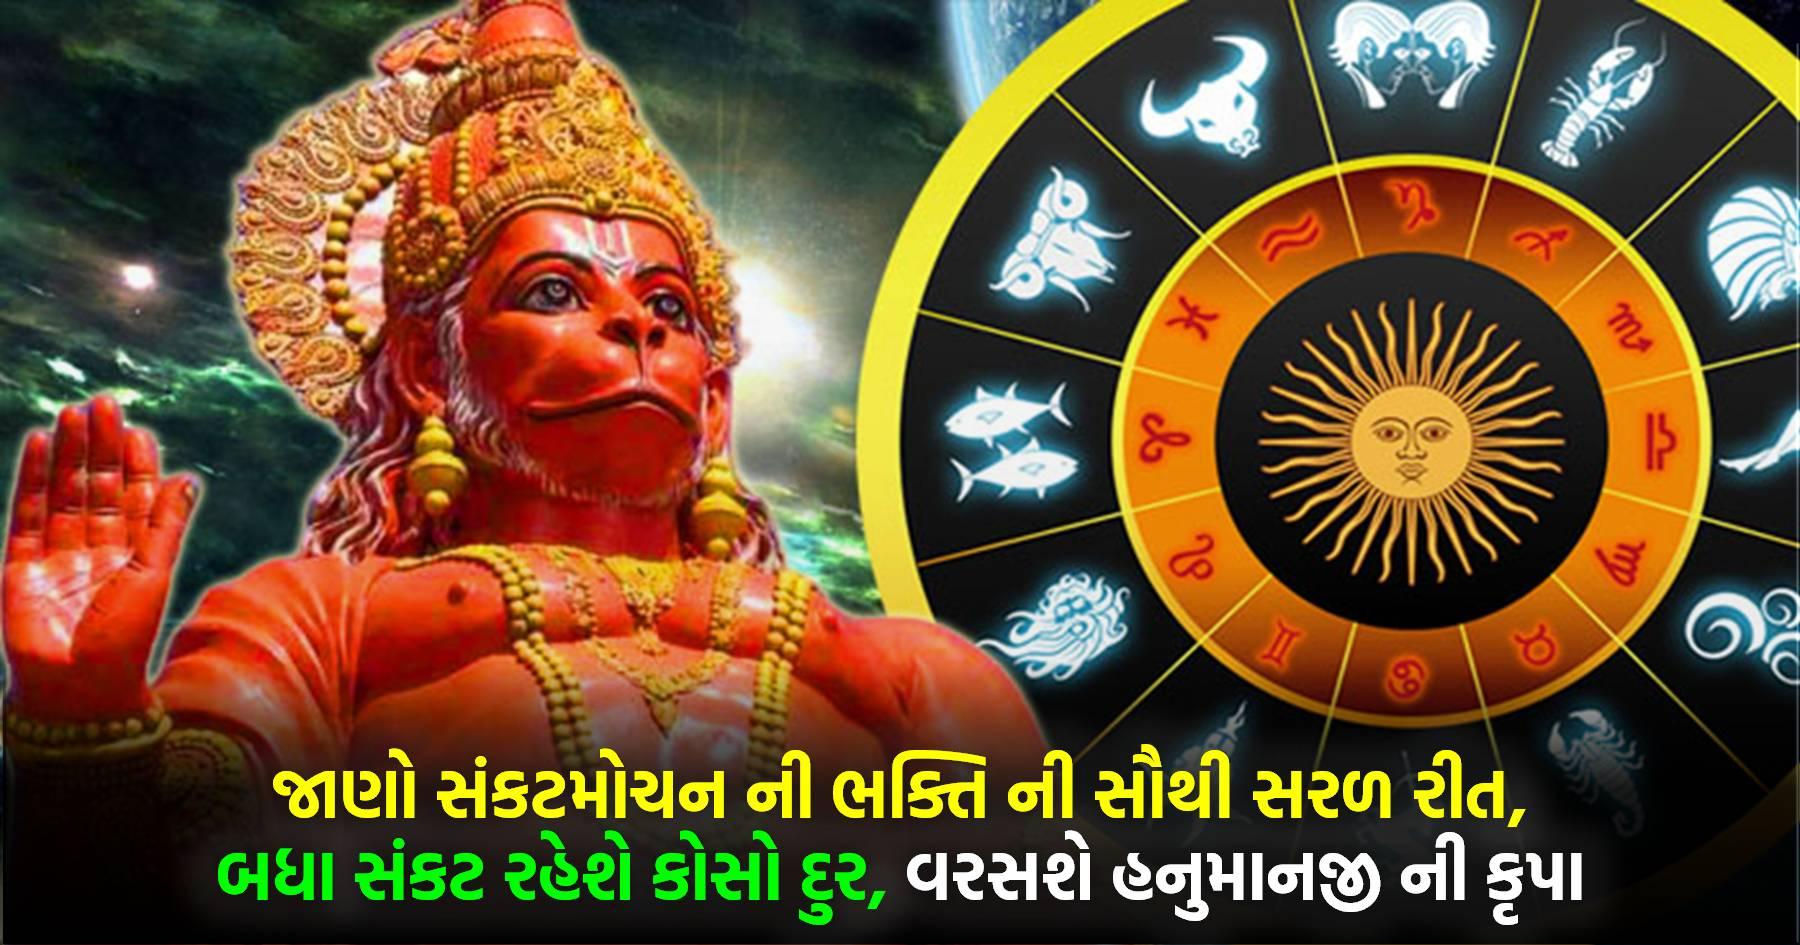 જાણો સંકટમોચન ની ભક્તિ ની સૌથી સરળ રીત, બધા સંકટ રહેશે કોસો દુર, વરસશે હનુમાનજી ની કૃપા